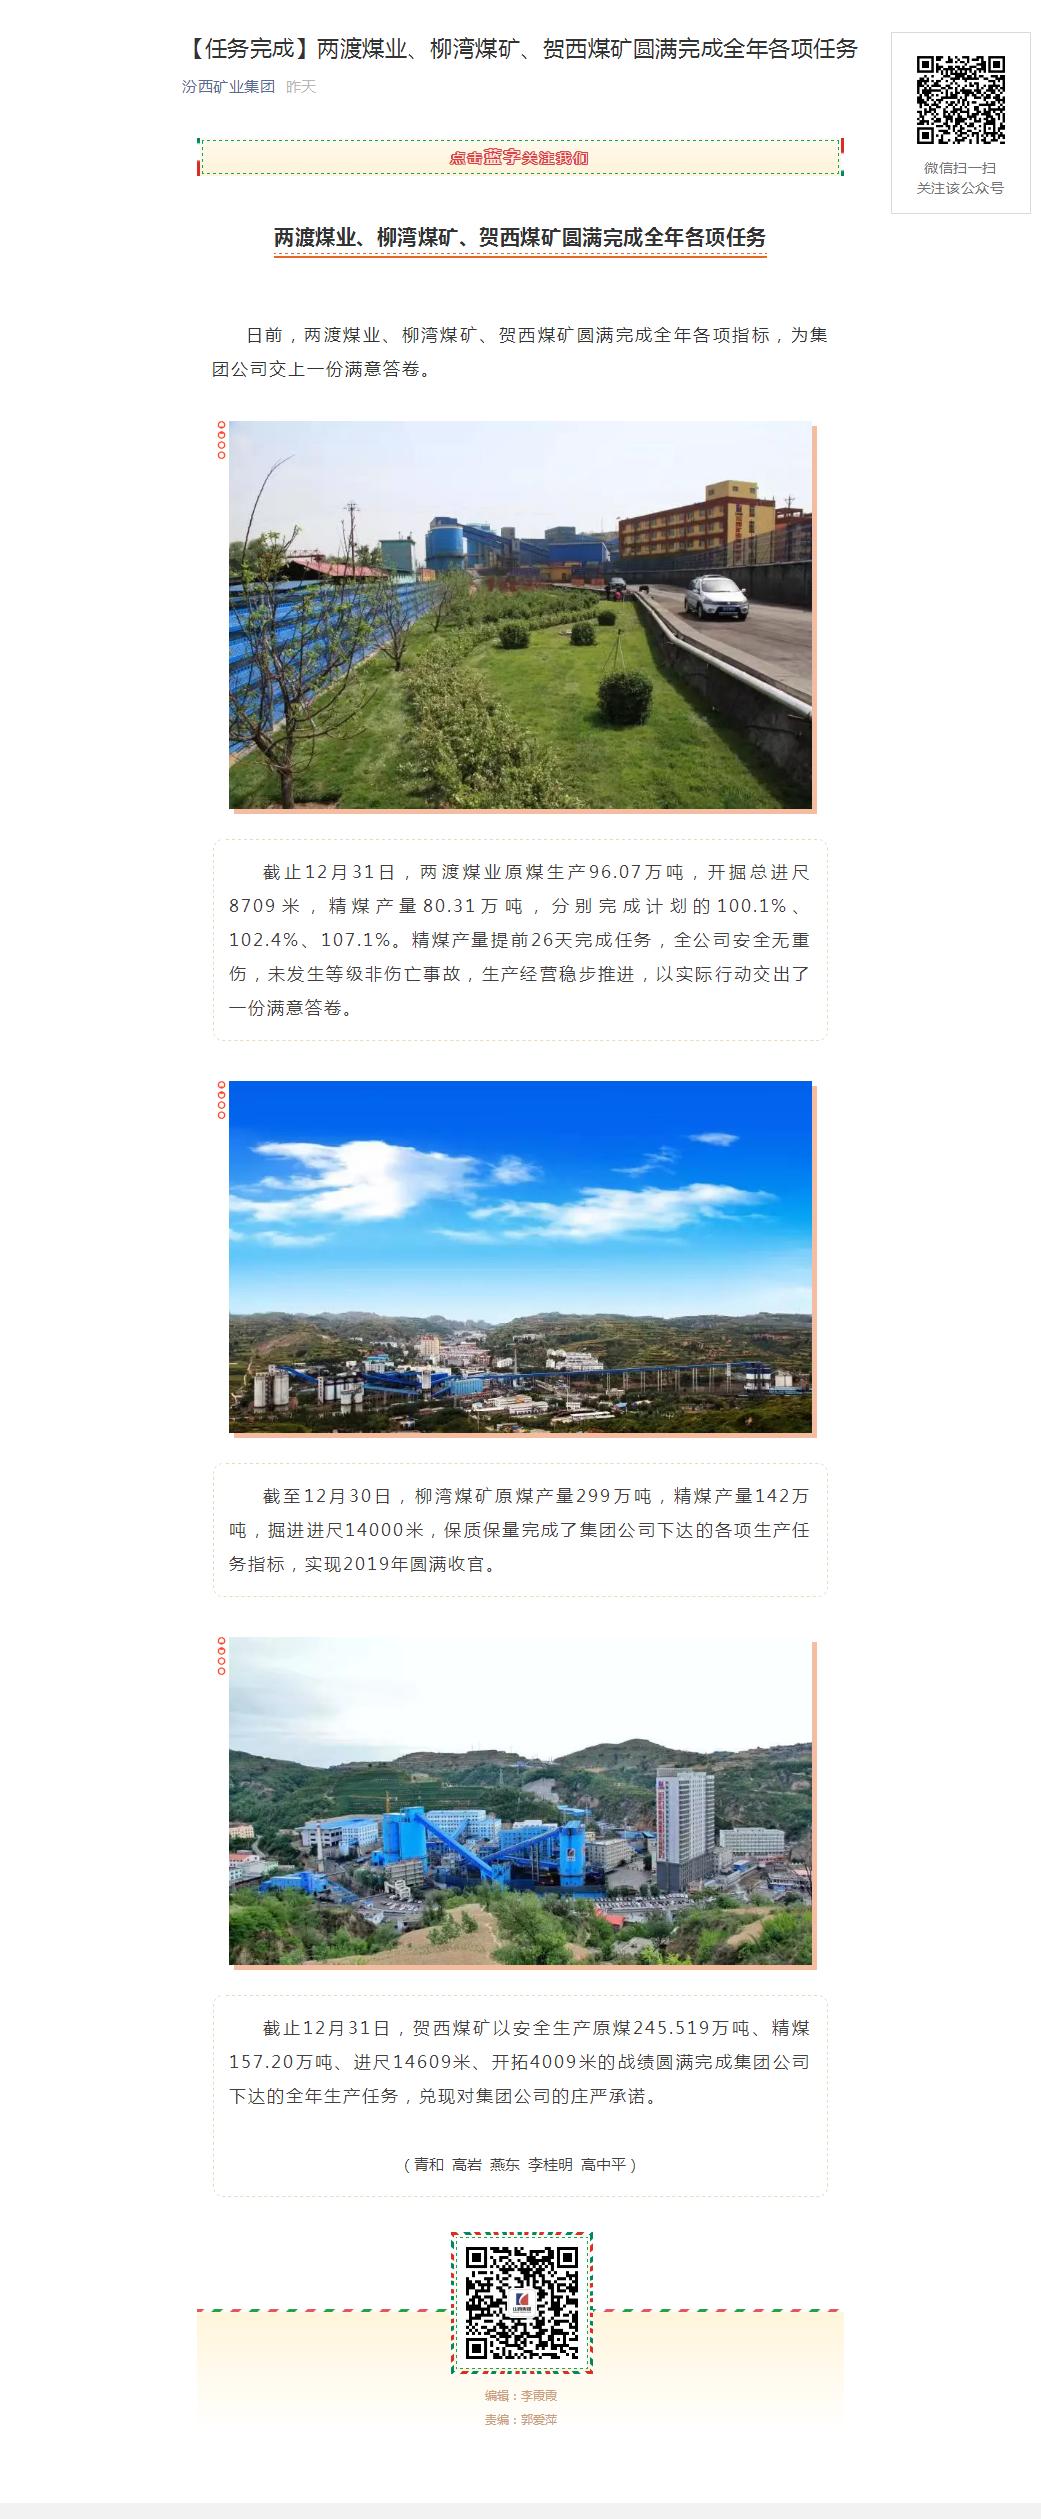 【任务完成】两渡煤业、柳湾煤矿、贺西煤矿圆满完成全年各项任务.png